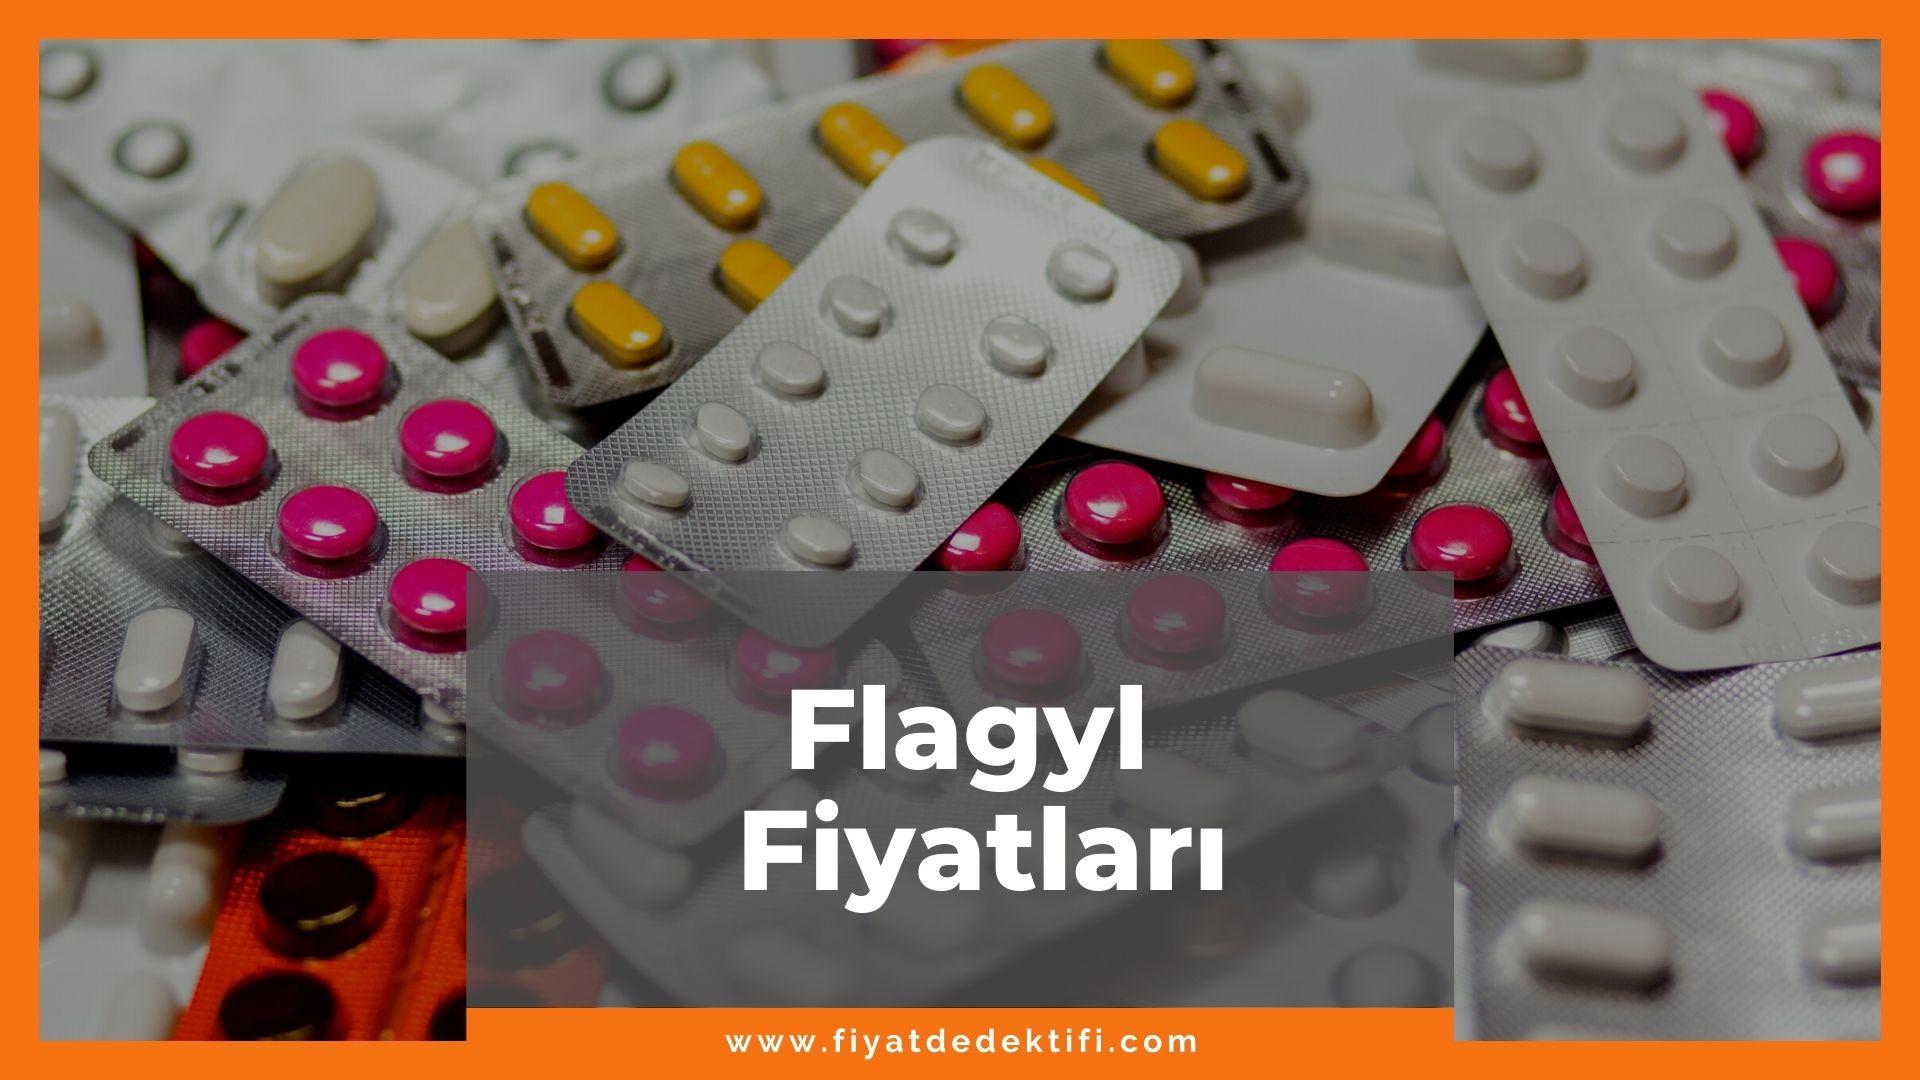 Flagyl Fiyat 2021, Flagyl 500 mg Tablet Fiyatı, Flagyl Şurup Fiyatı, flagyl zamlandı mı, flagyl zamlı fiyatı ne kadar kaç tl oldu